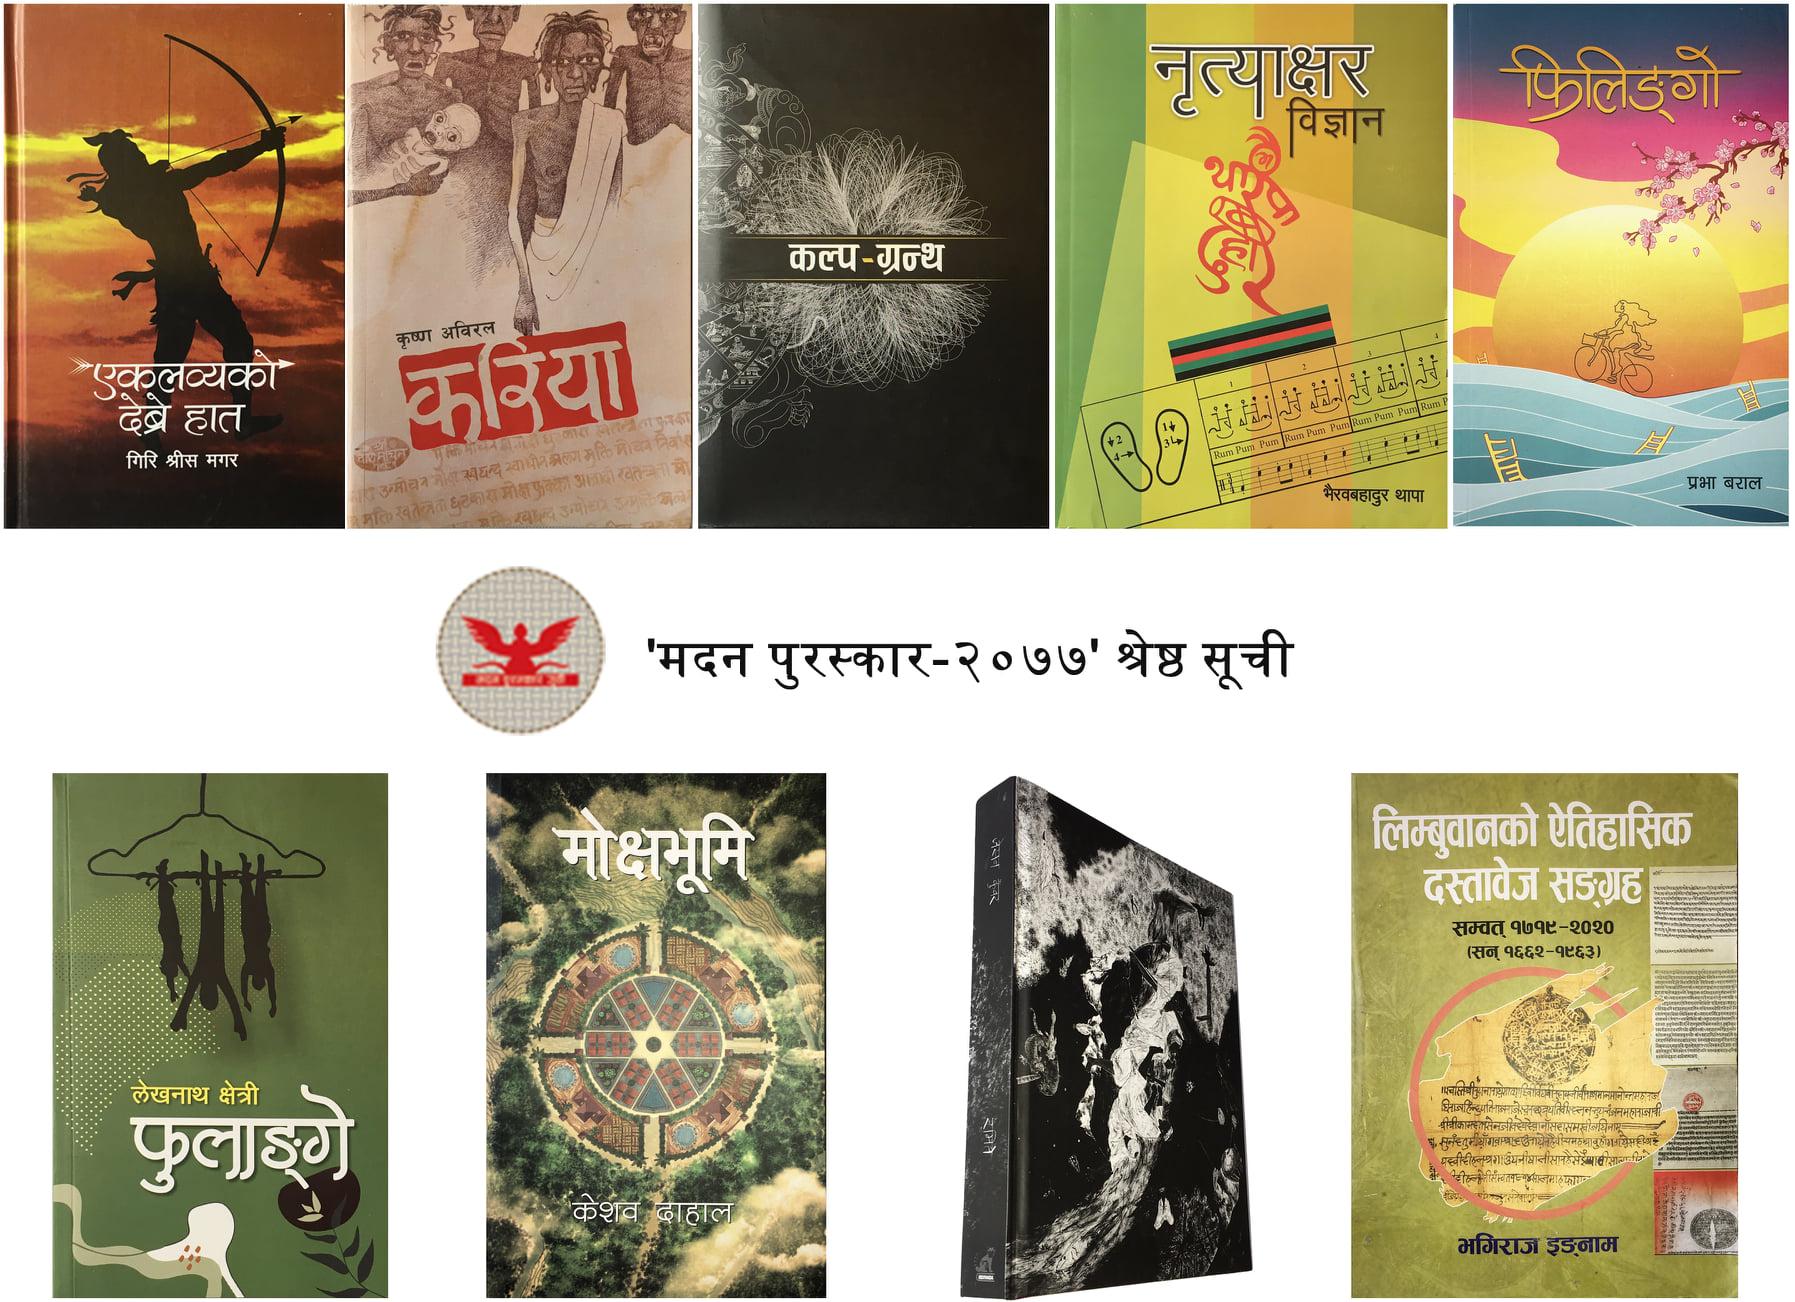 मदन पुरस्कारको प्रारम्भिक सूचीमा ९ पुस्तक